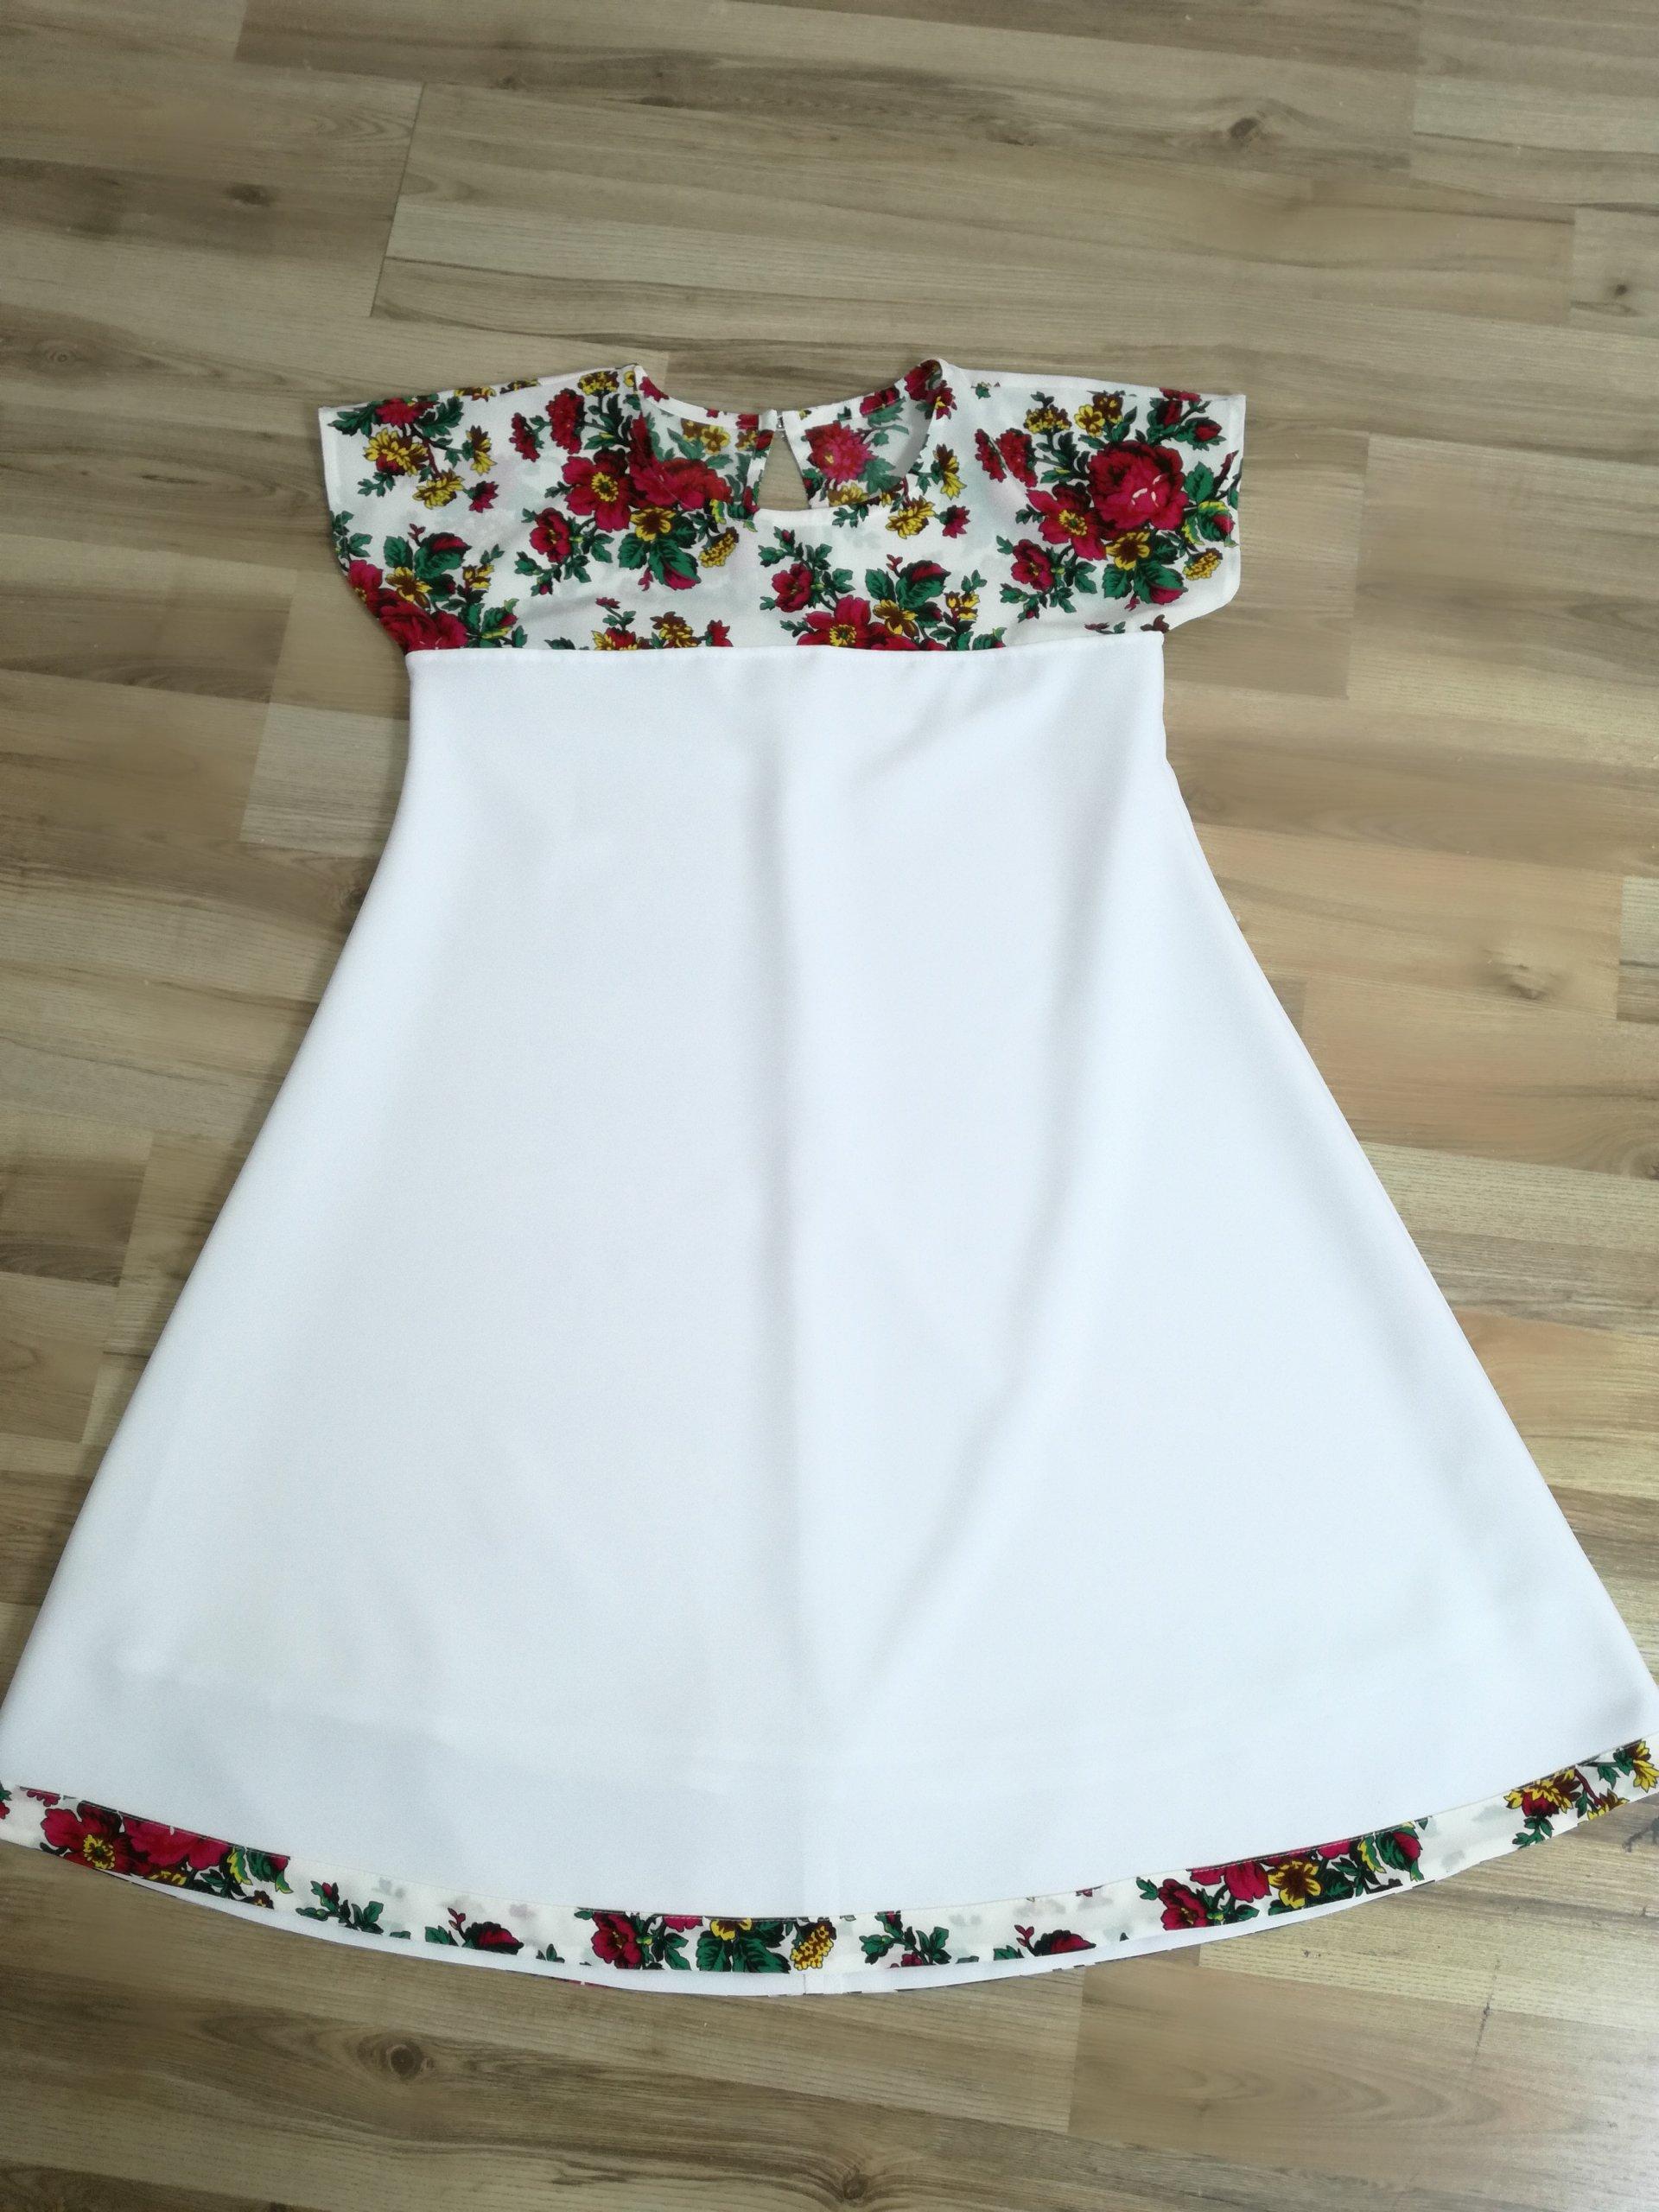 zestaw sukienek dla mamy i córki  folk  góralskie